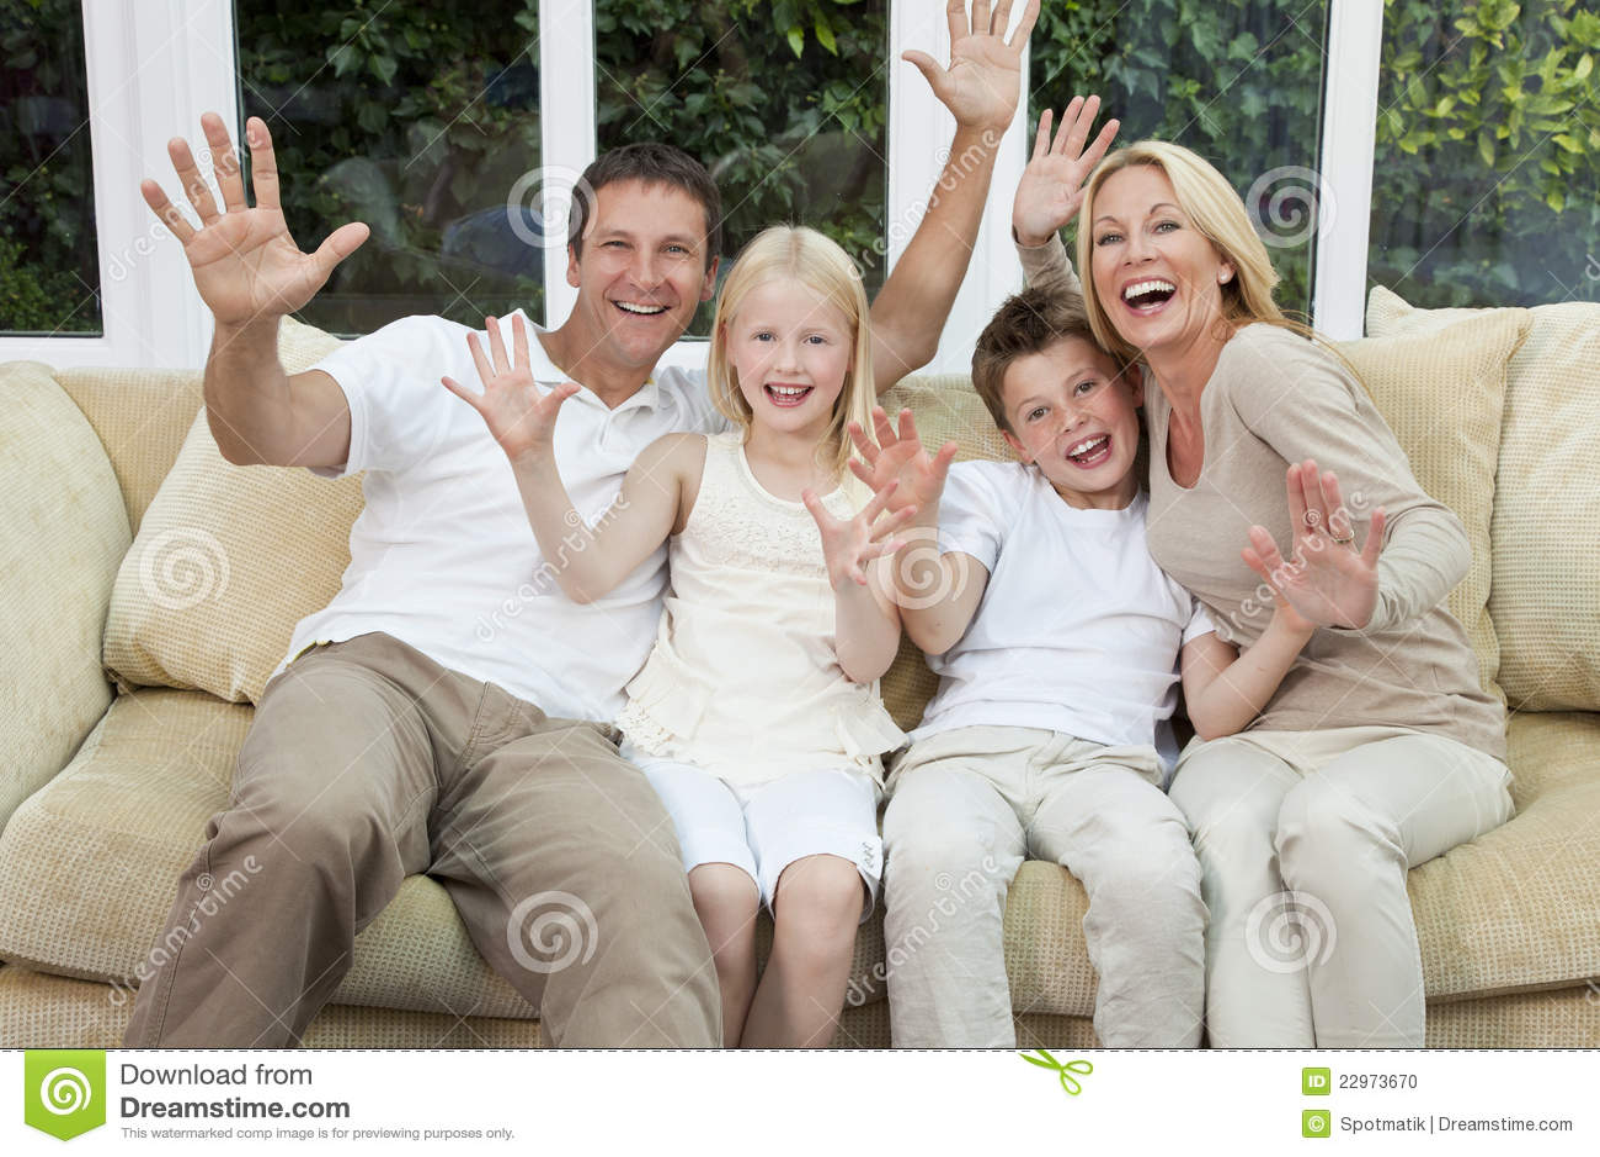 Смотреть сын с мамой или вся семья 7 фотография